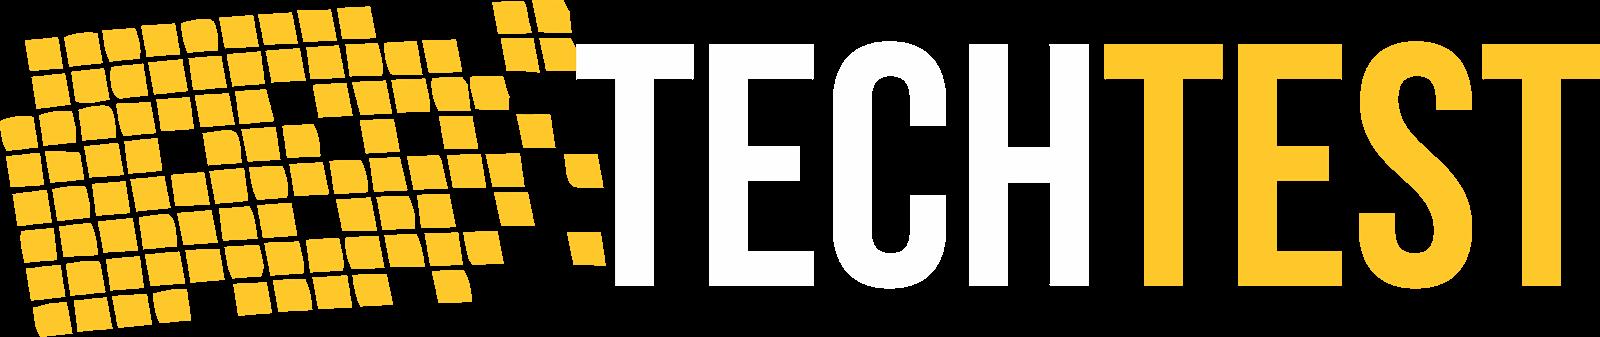 TechTest